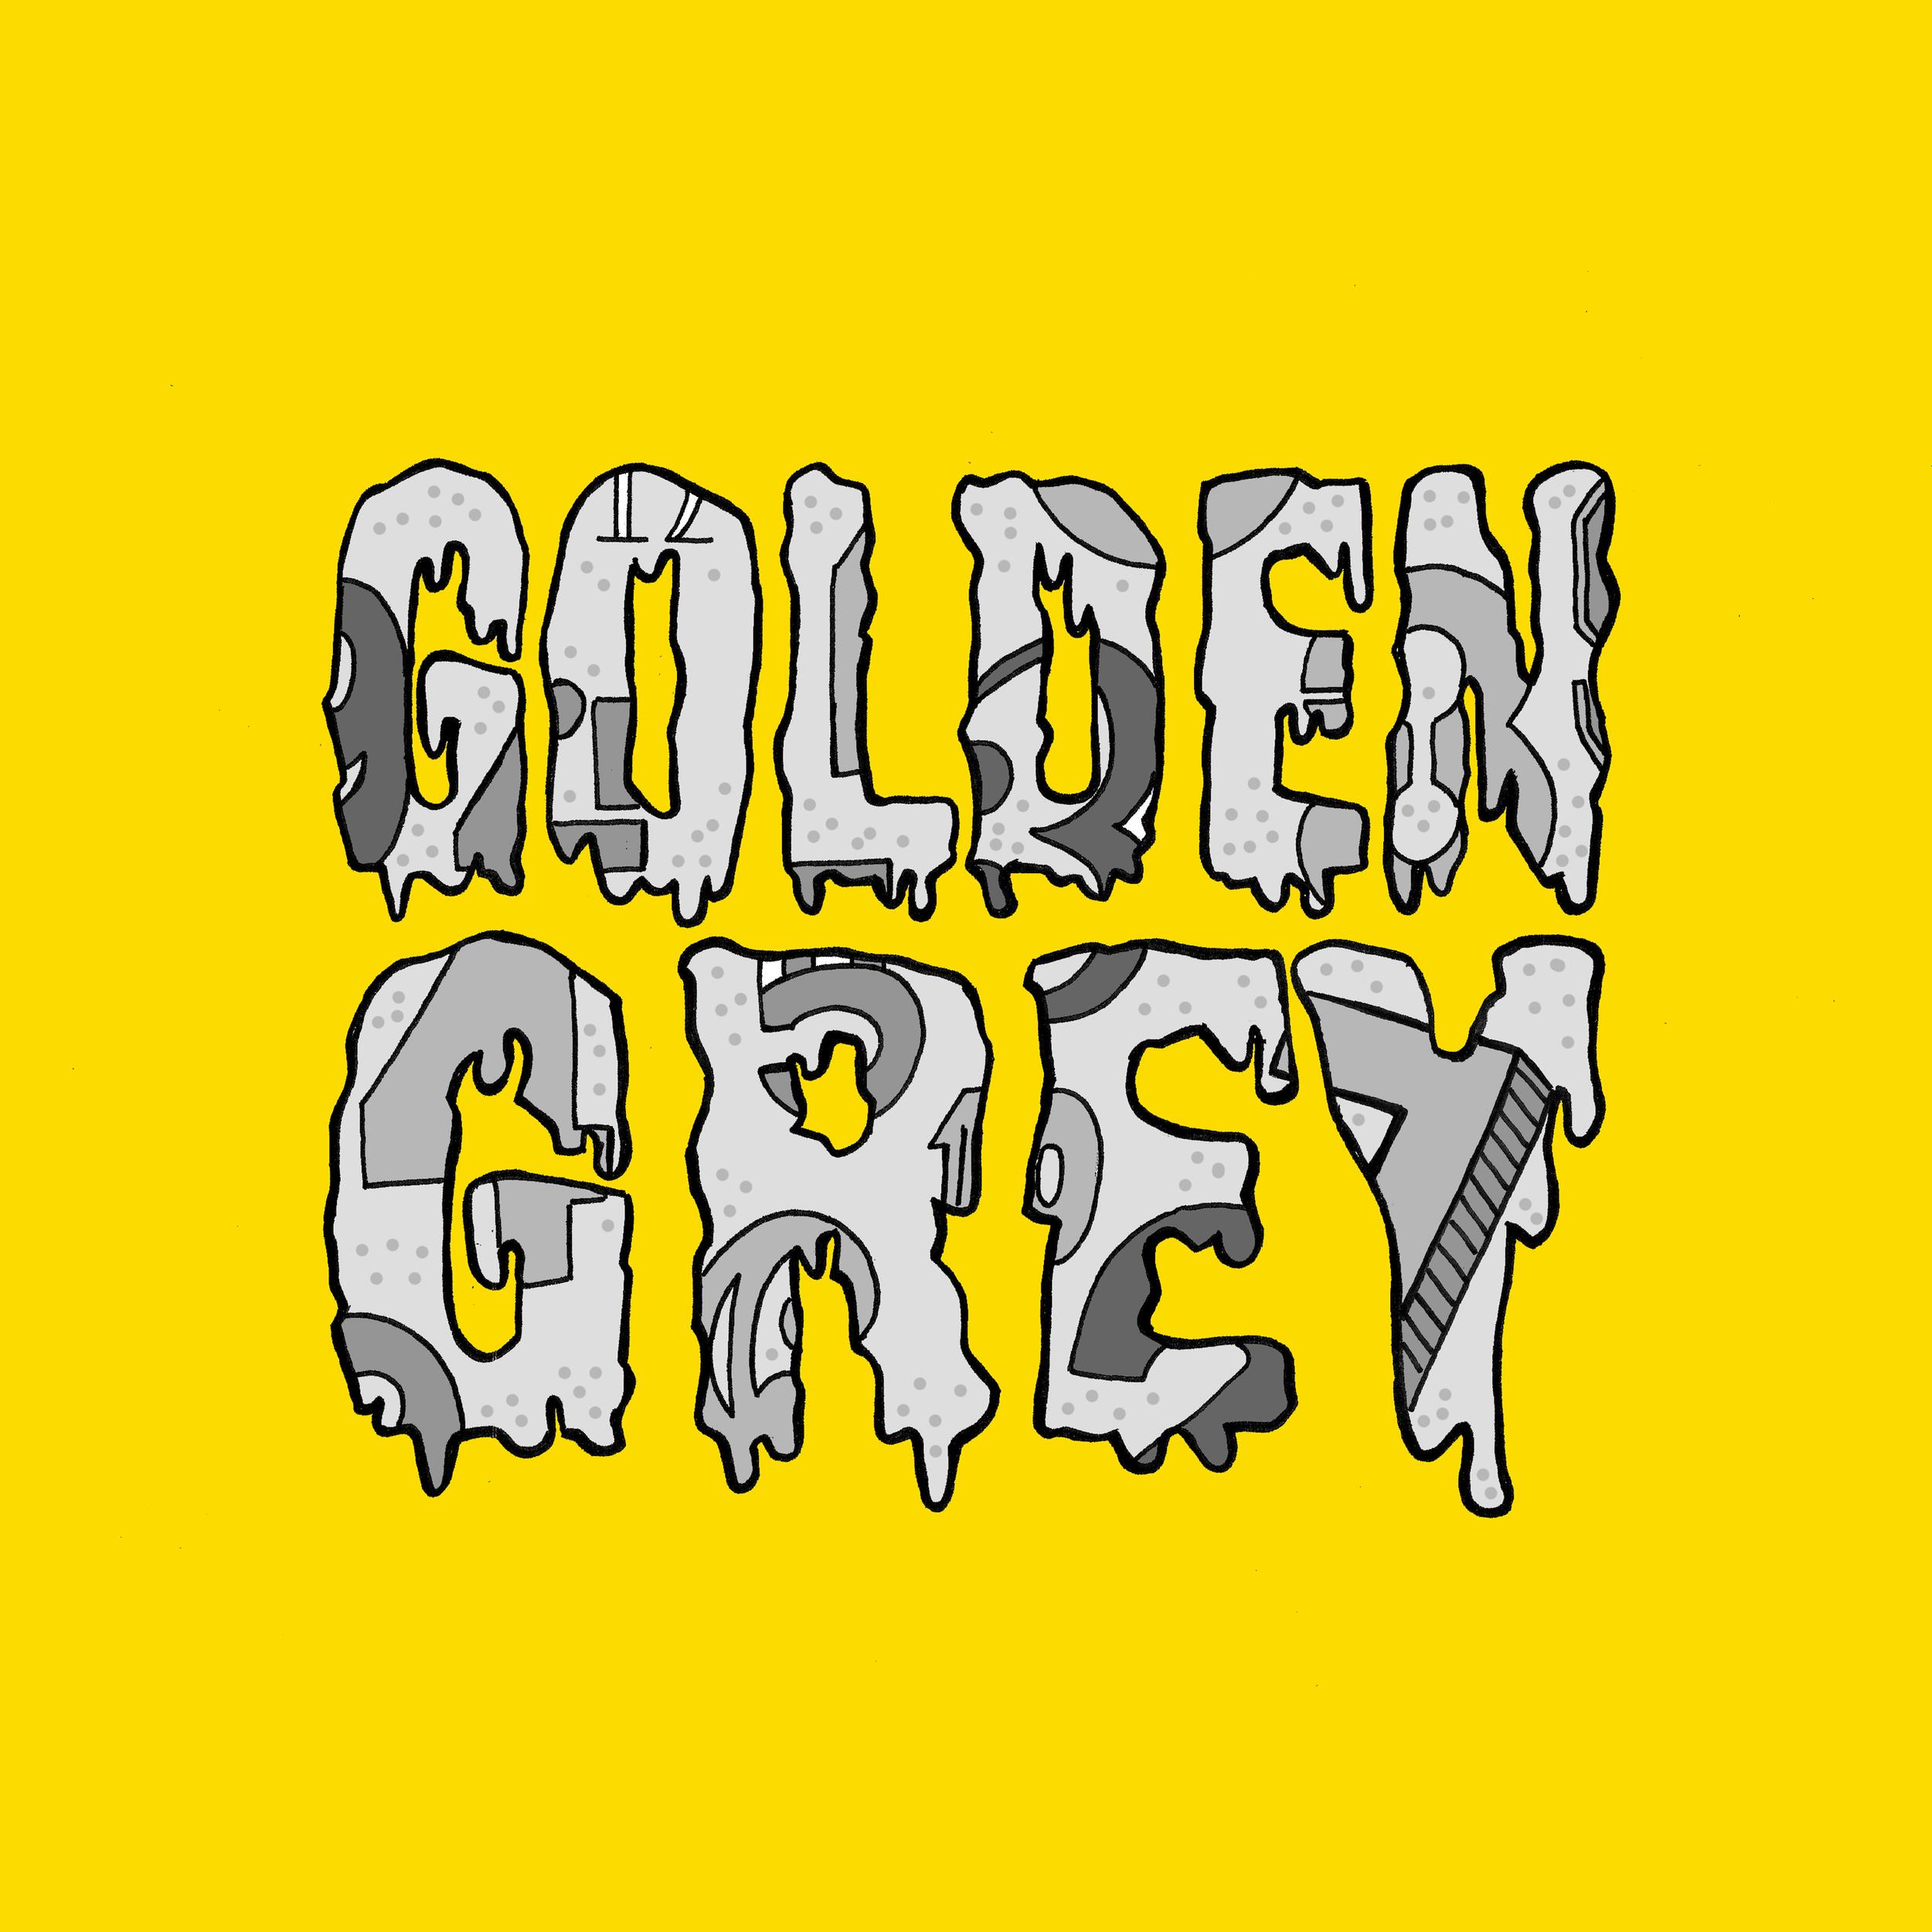 Golden Grey - Numbers - BIBLIOTEKA027 - EP